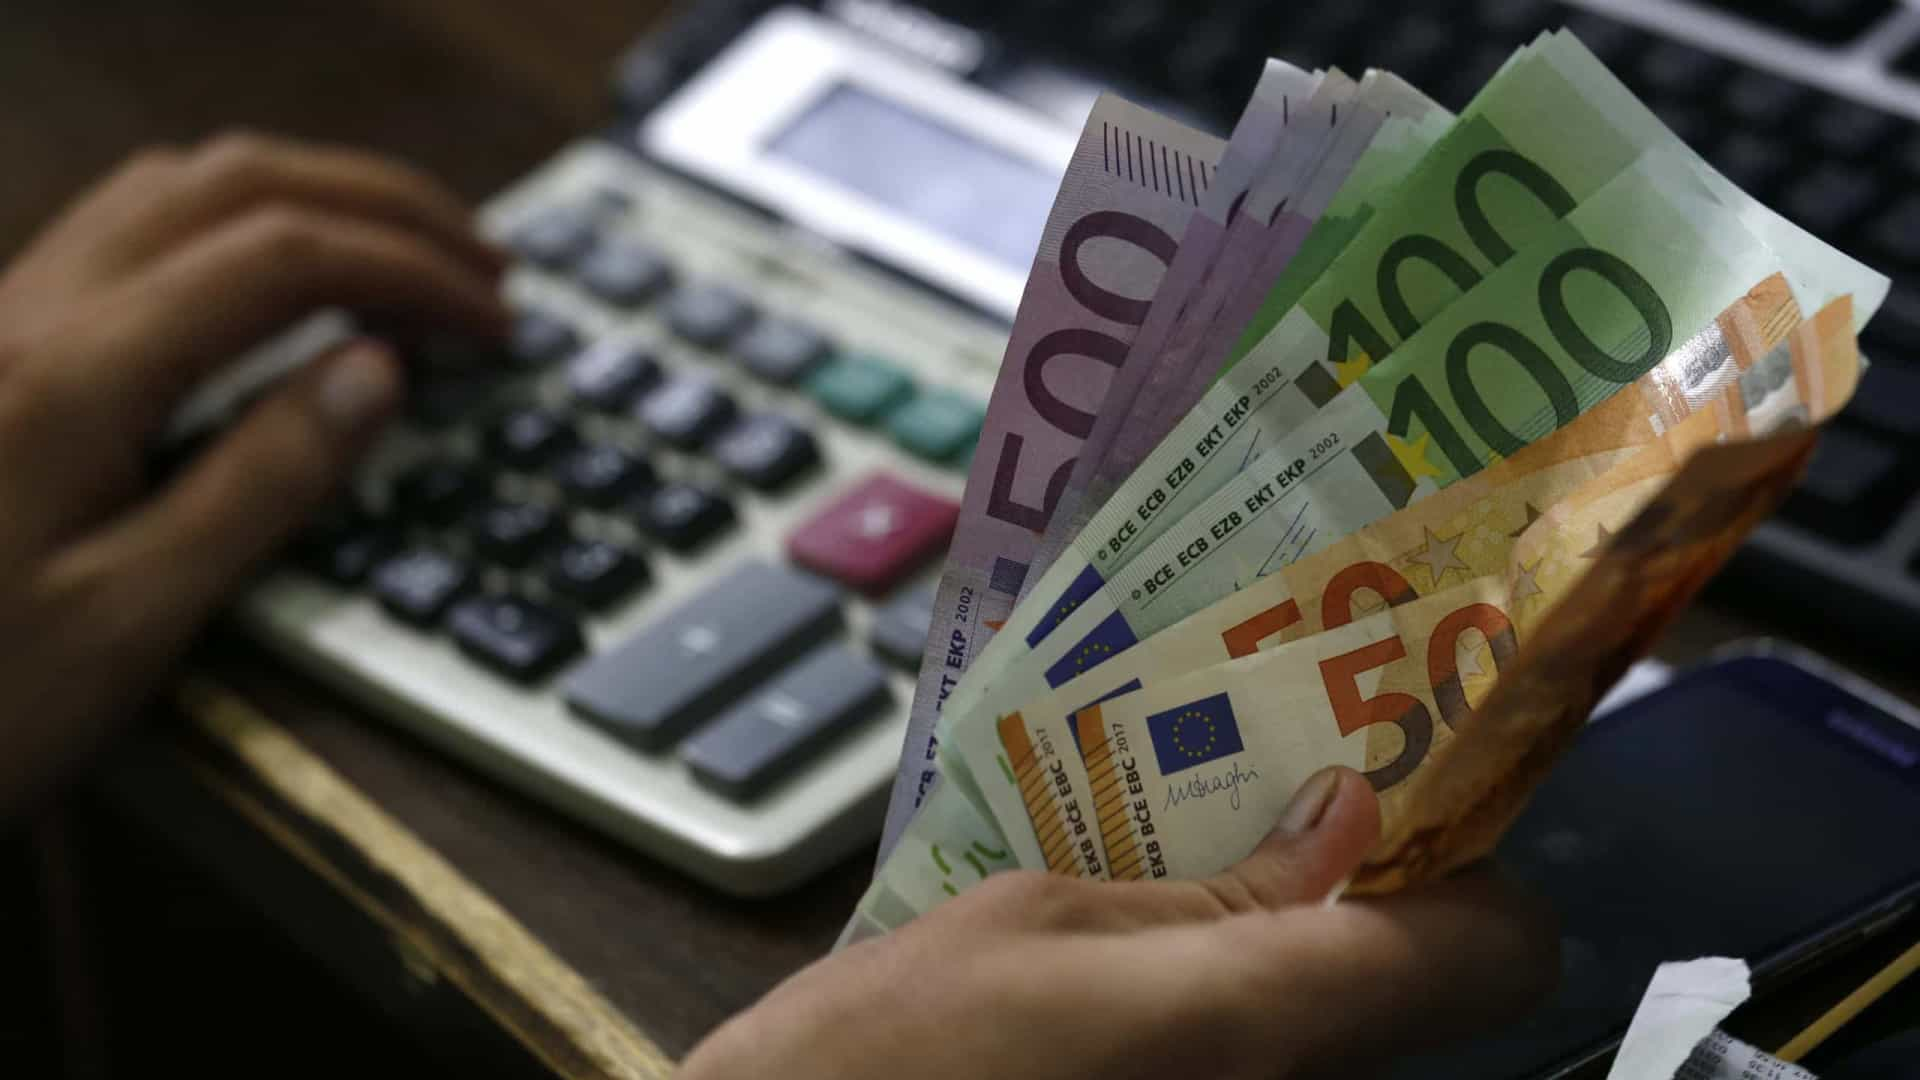 Seguradoras supervisionadas pela ASF aumentam lucros em 80%